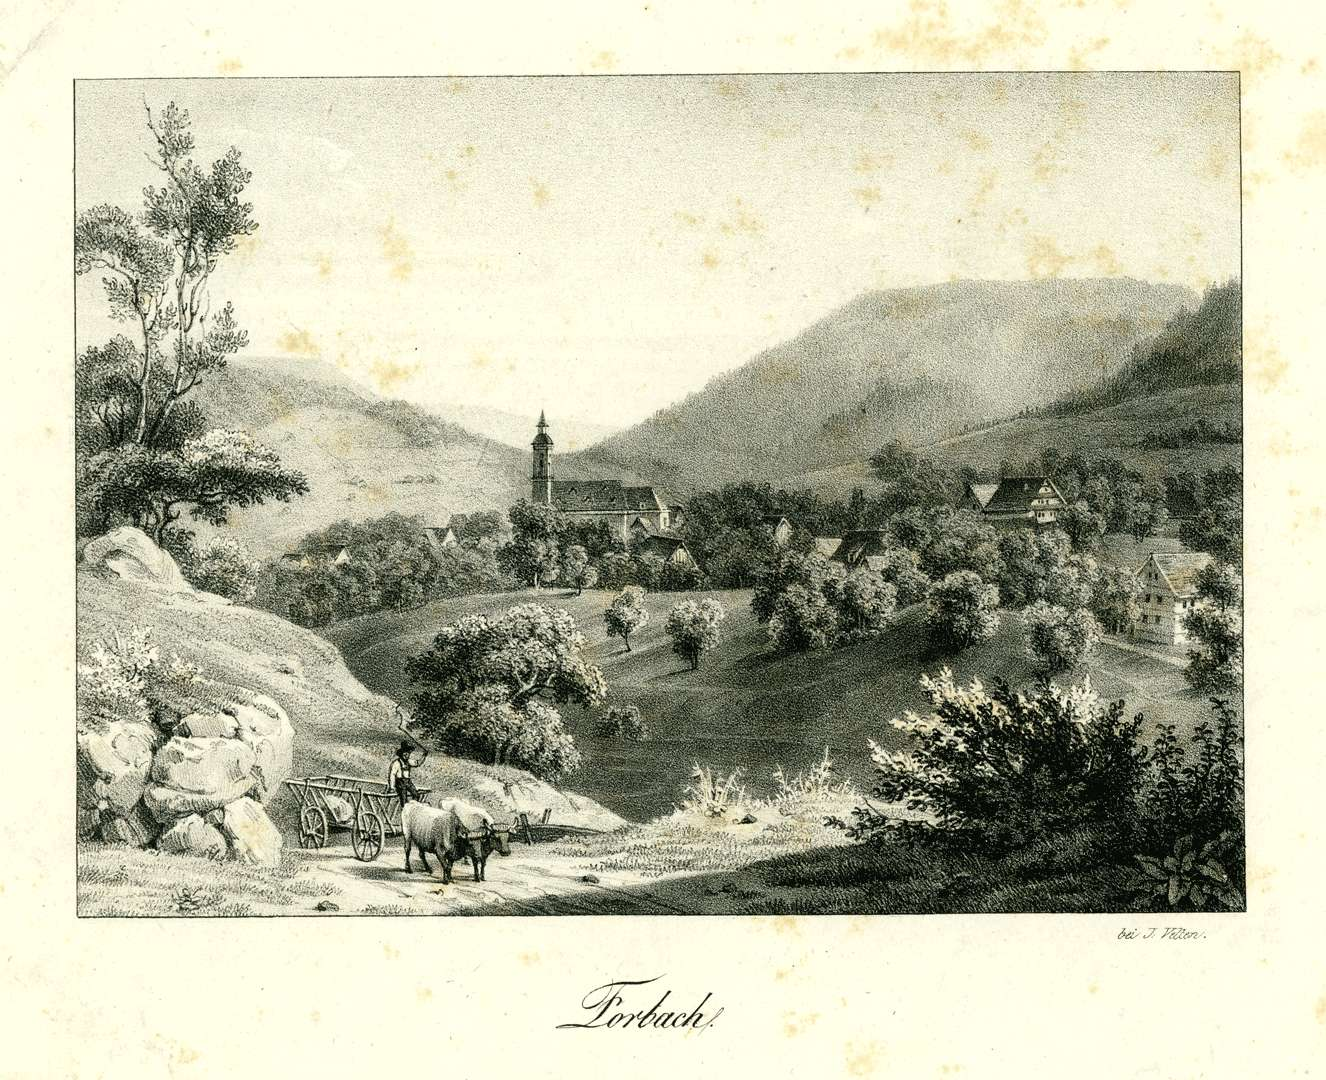 Ansicht, Bild 1